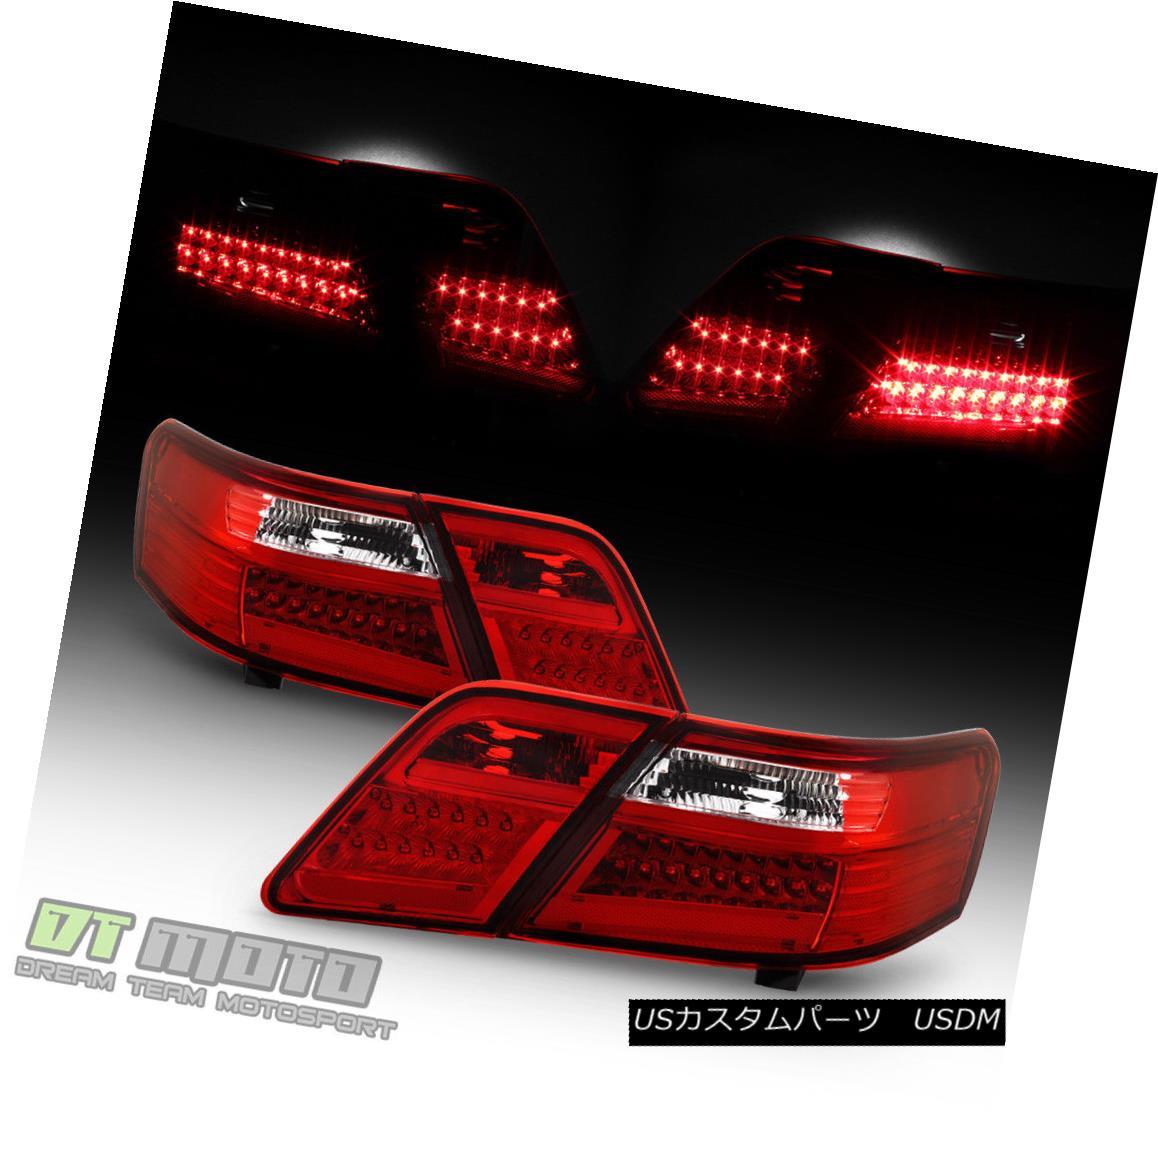 テールライト 2007-2009 Toyota Camry LED Red Clear Tail Lights Brake Lamps 07 08 09 Left+Right 2007-2009トヨタカムリLEDレッドクリアテールライトブレーキランプ07 08 09左+右